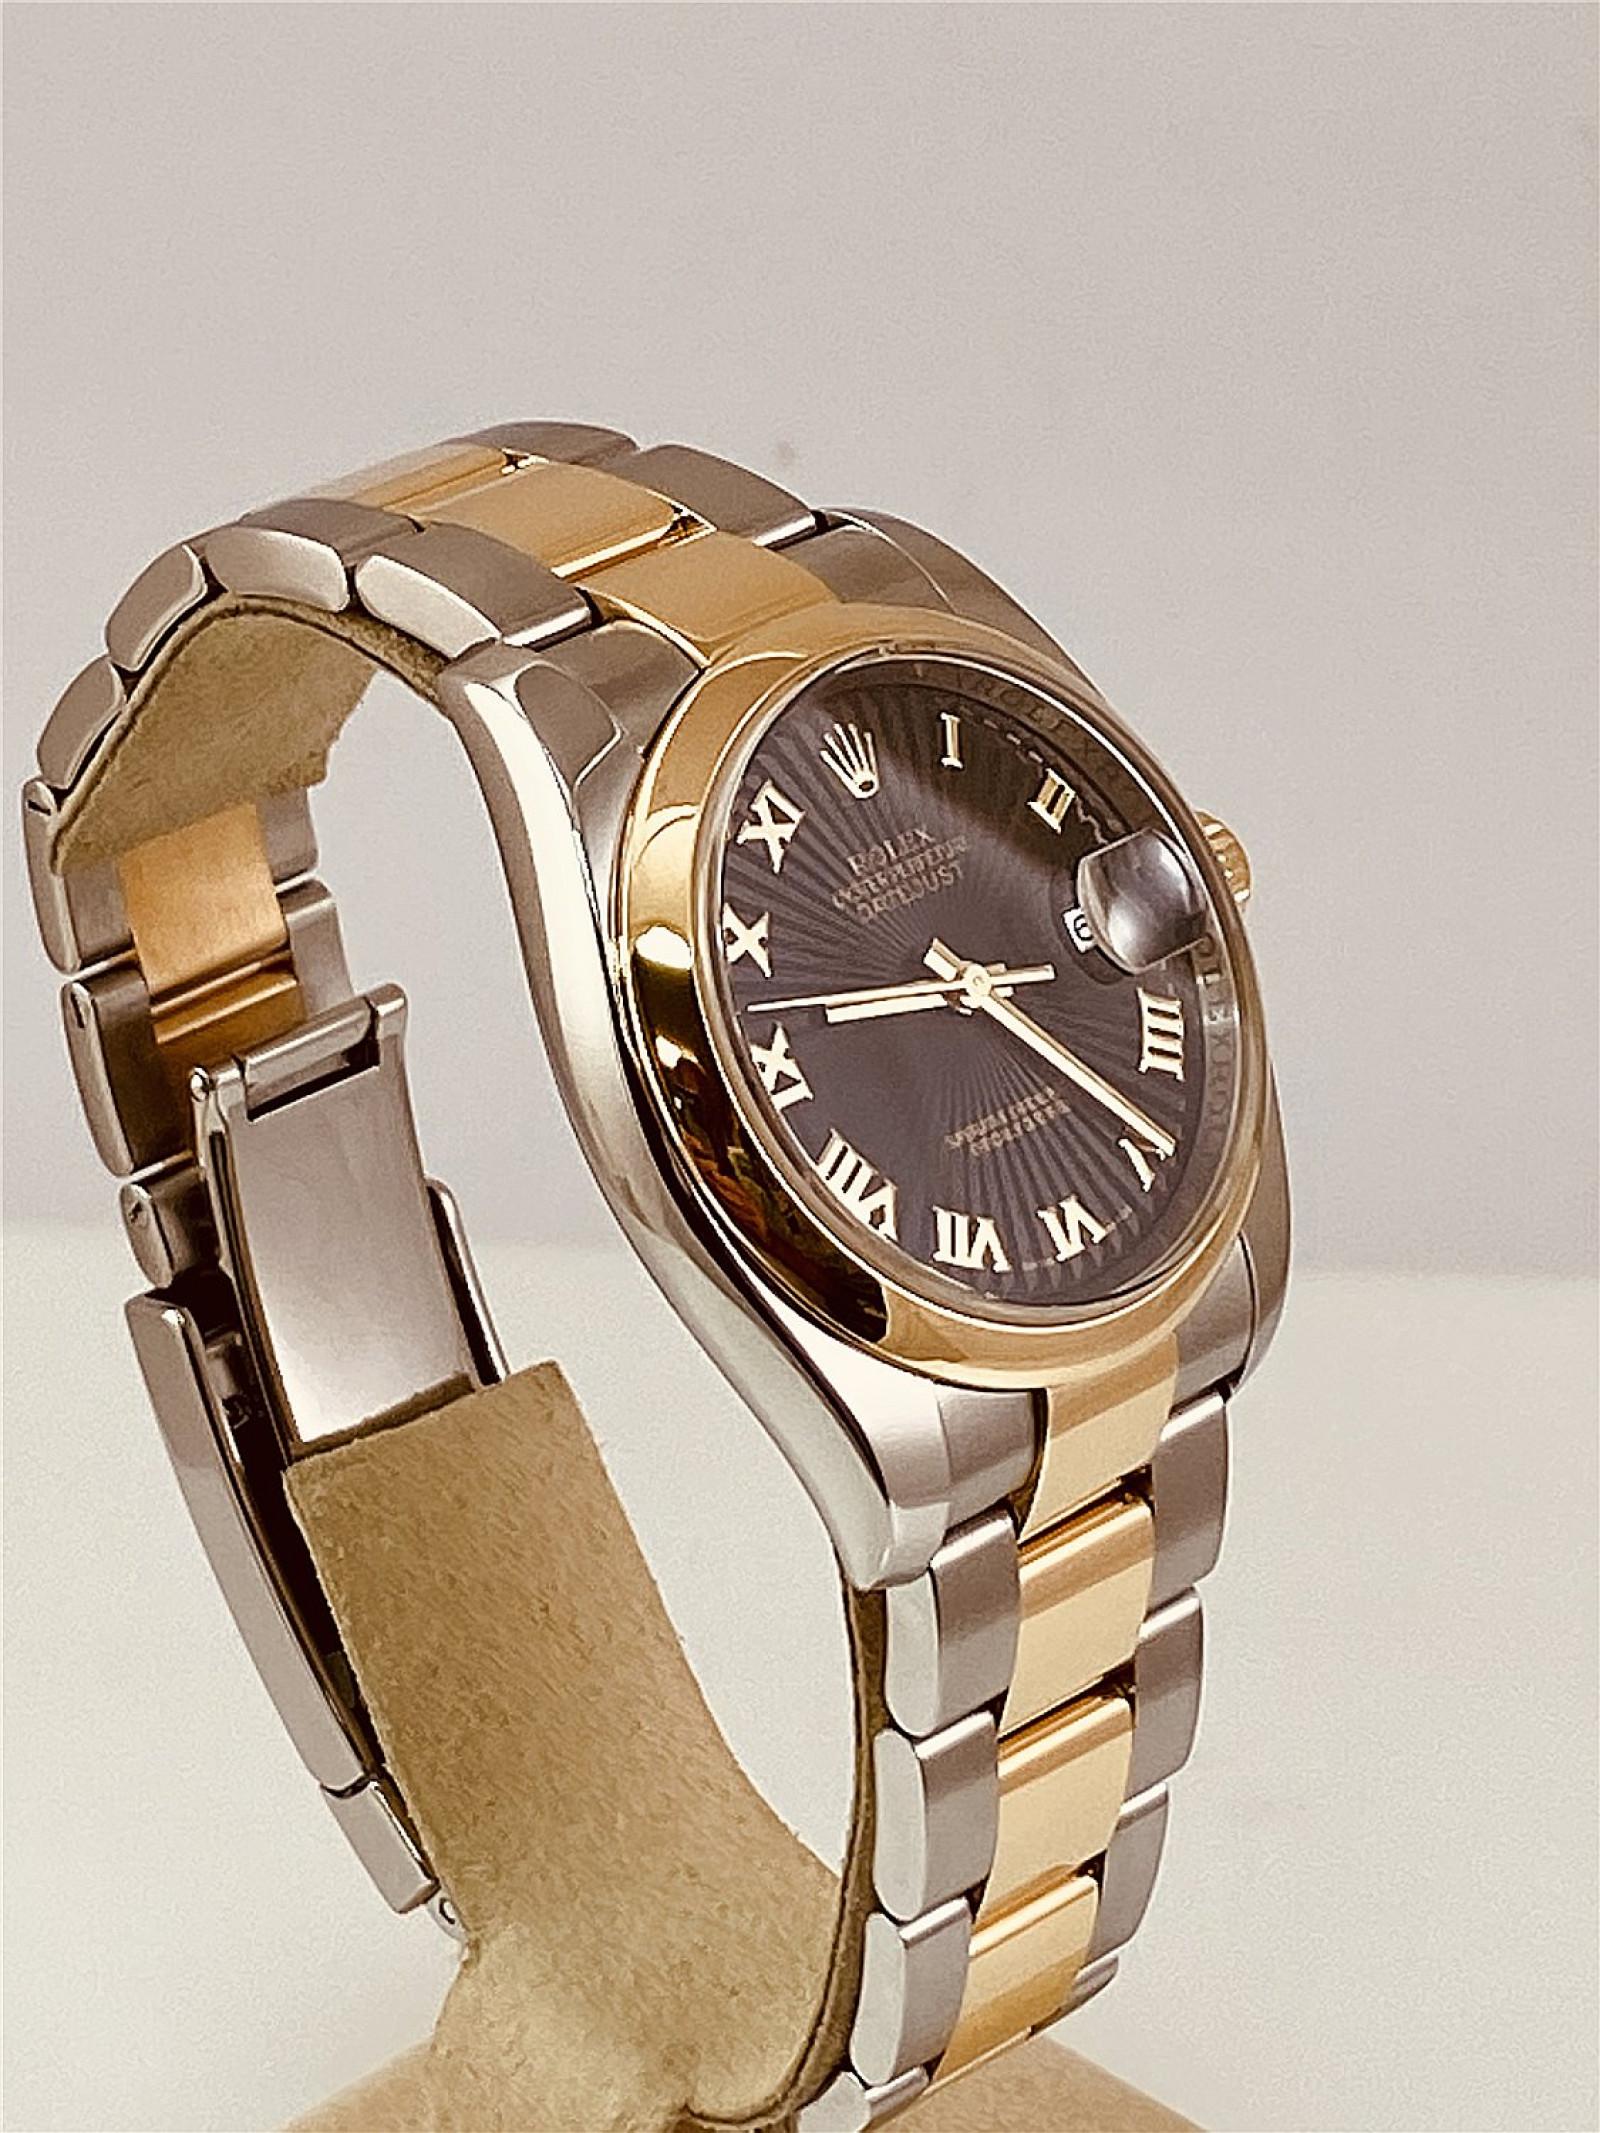 2008 Black Rolex Datejust Ref. 116203